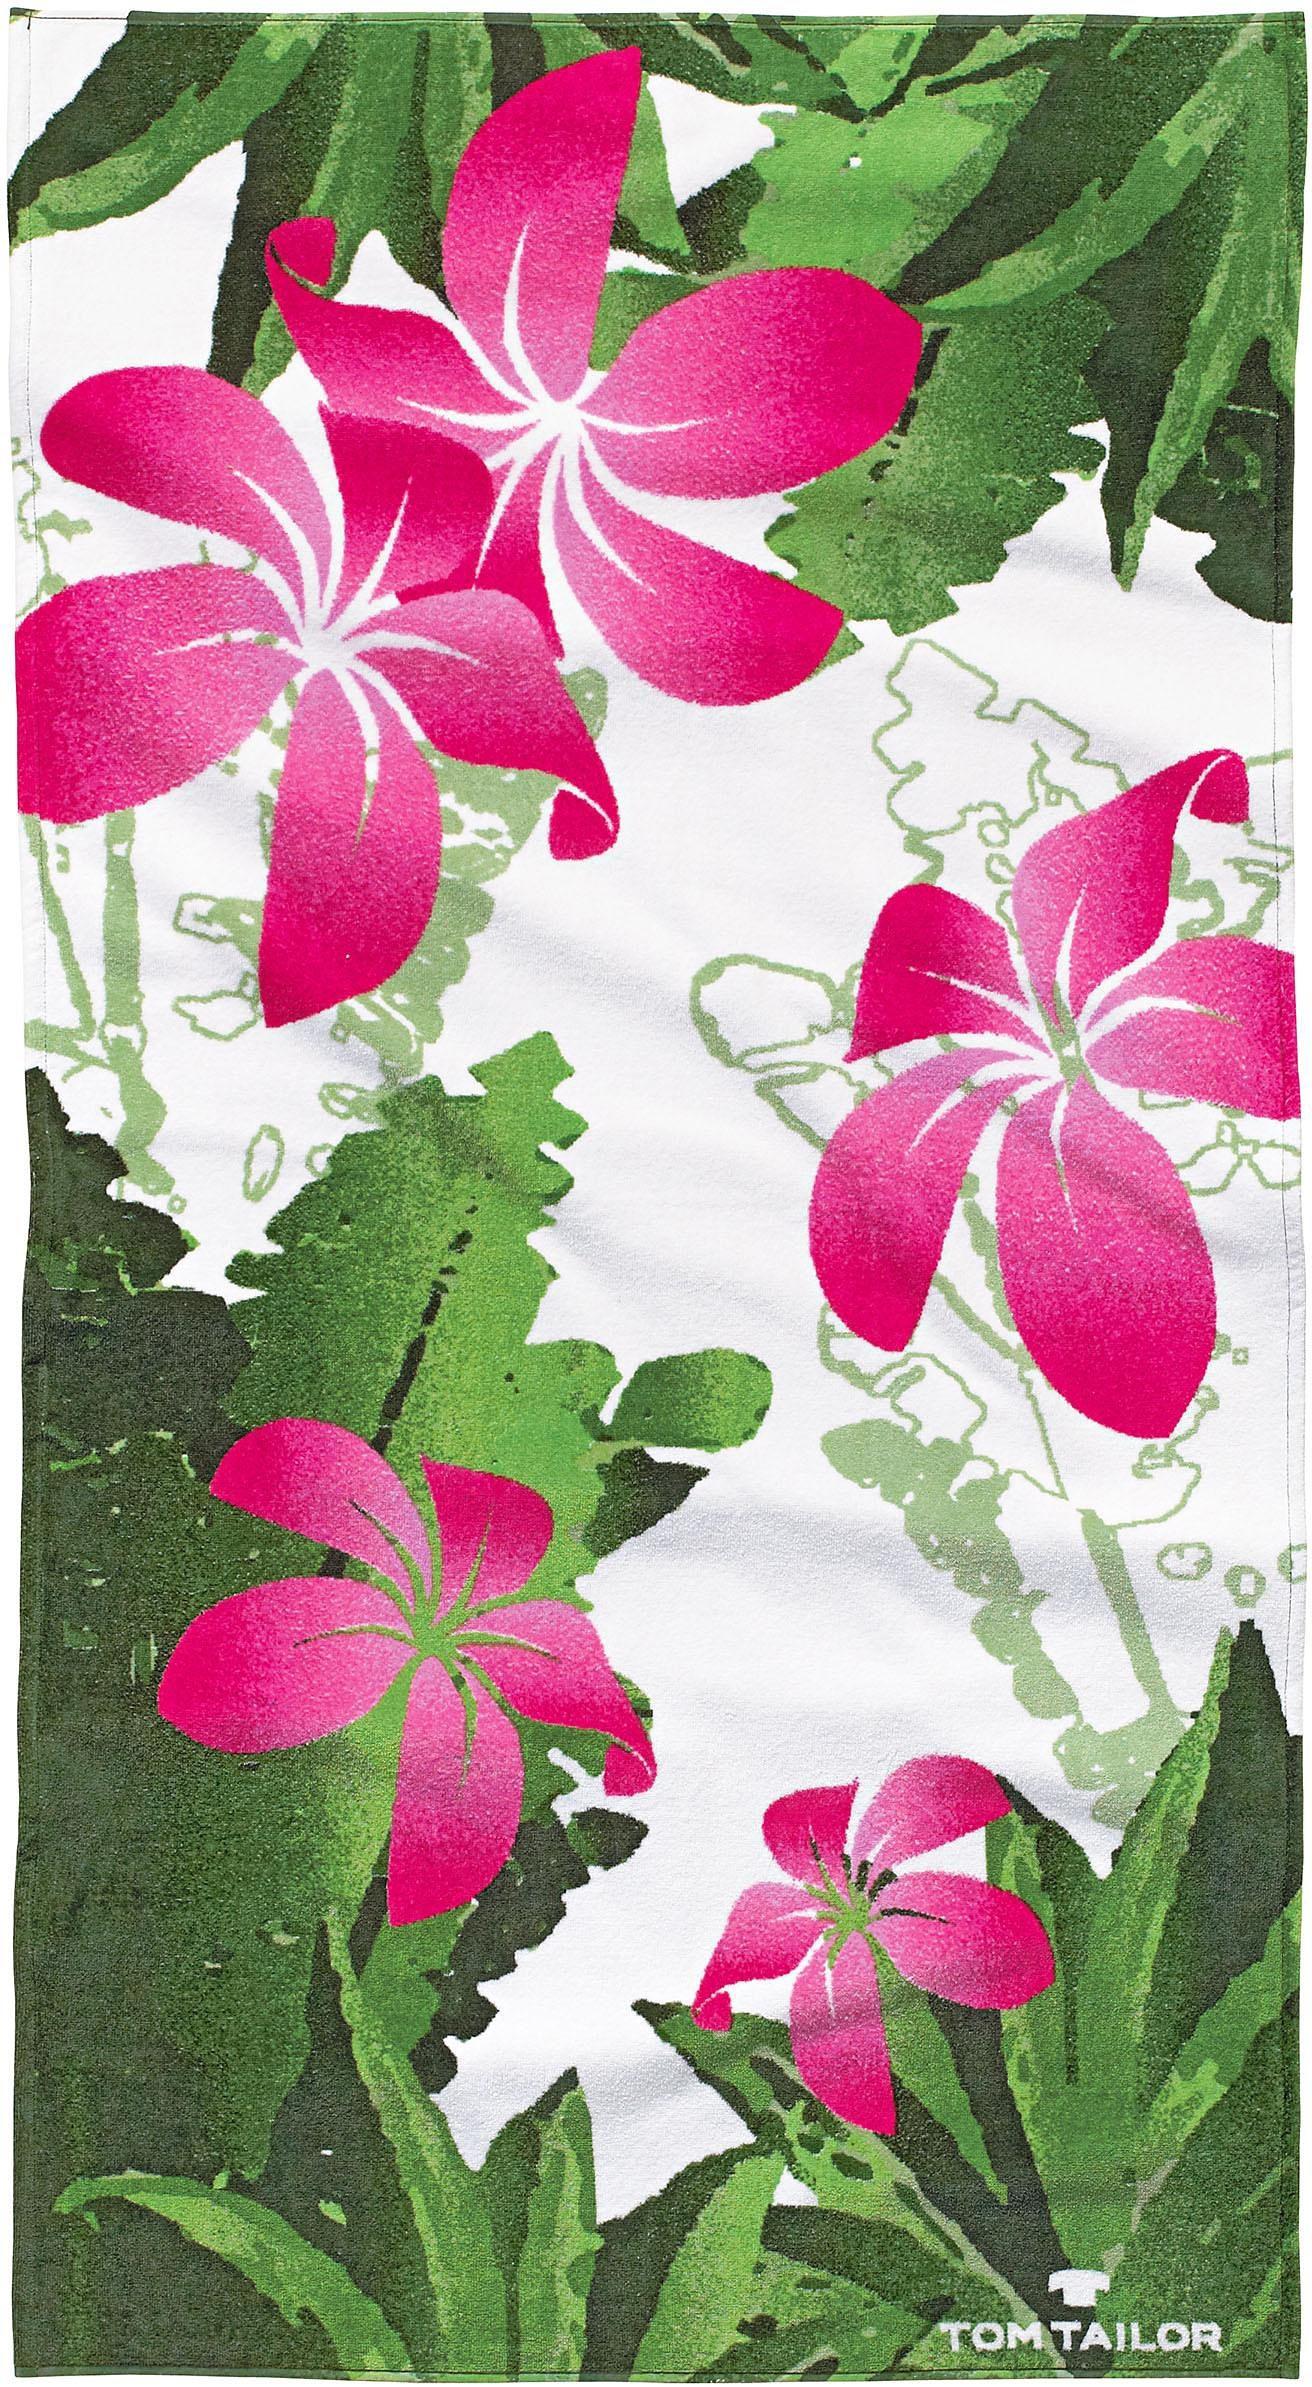 Strandtuch, Tom Tailor, »Dschungle«, mit großen Blüten